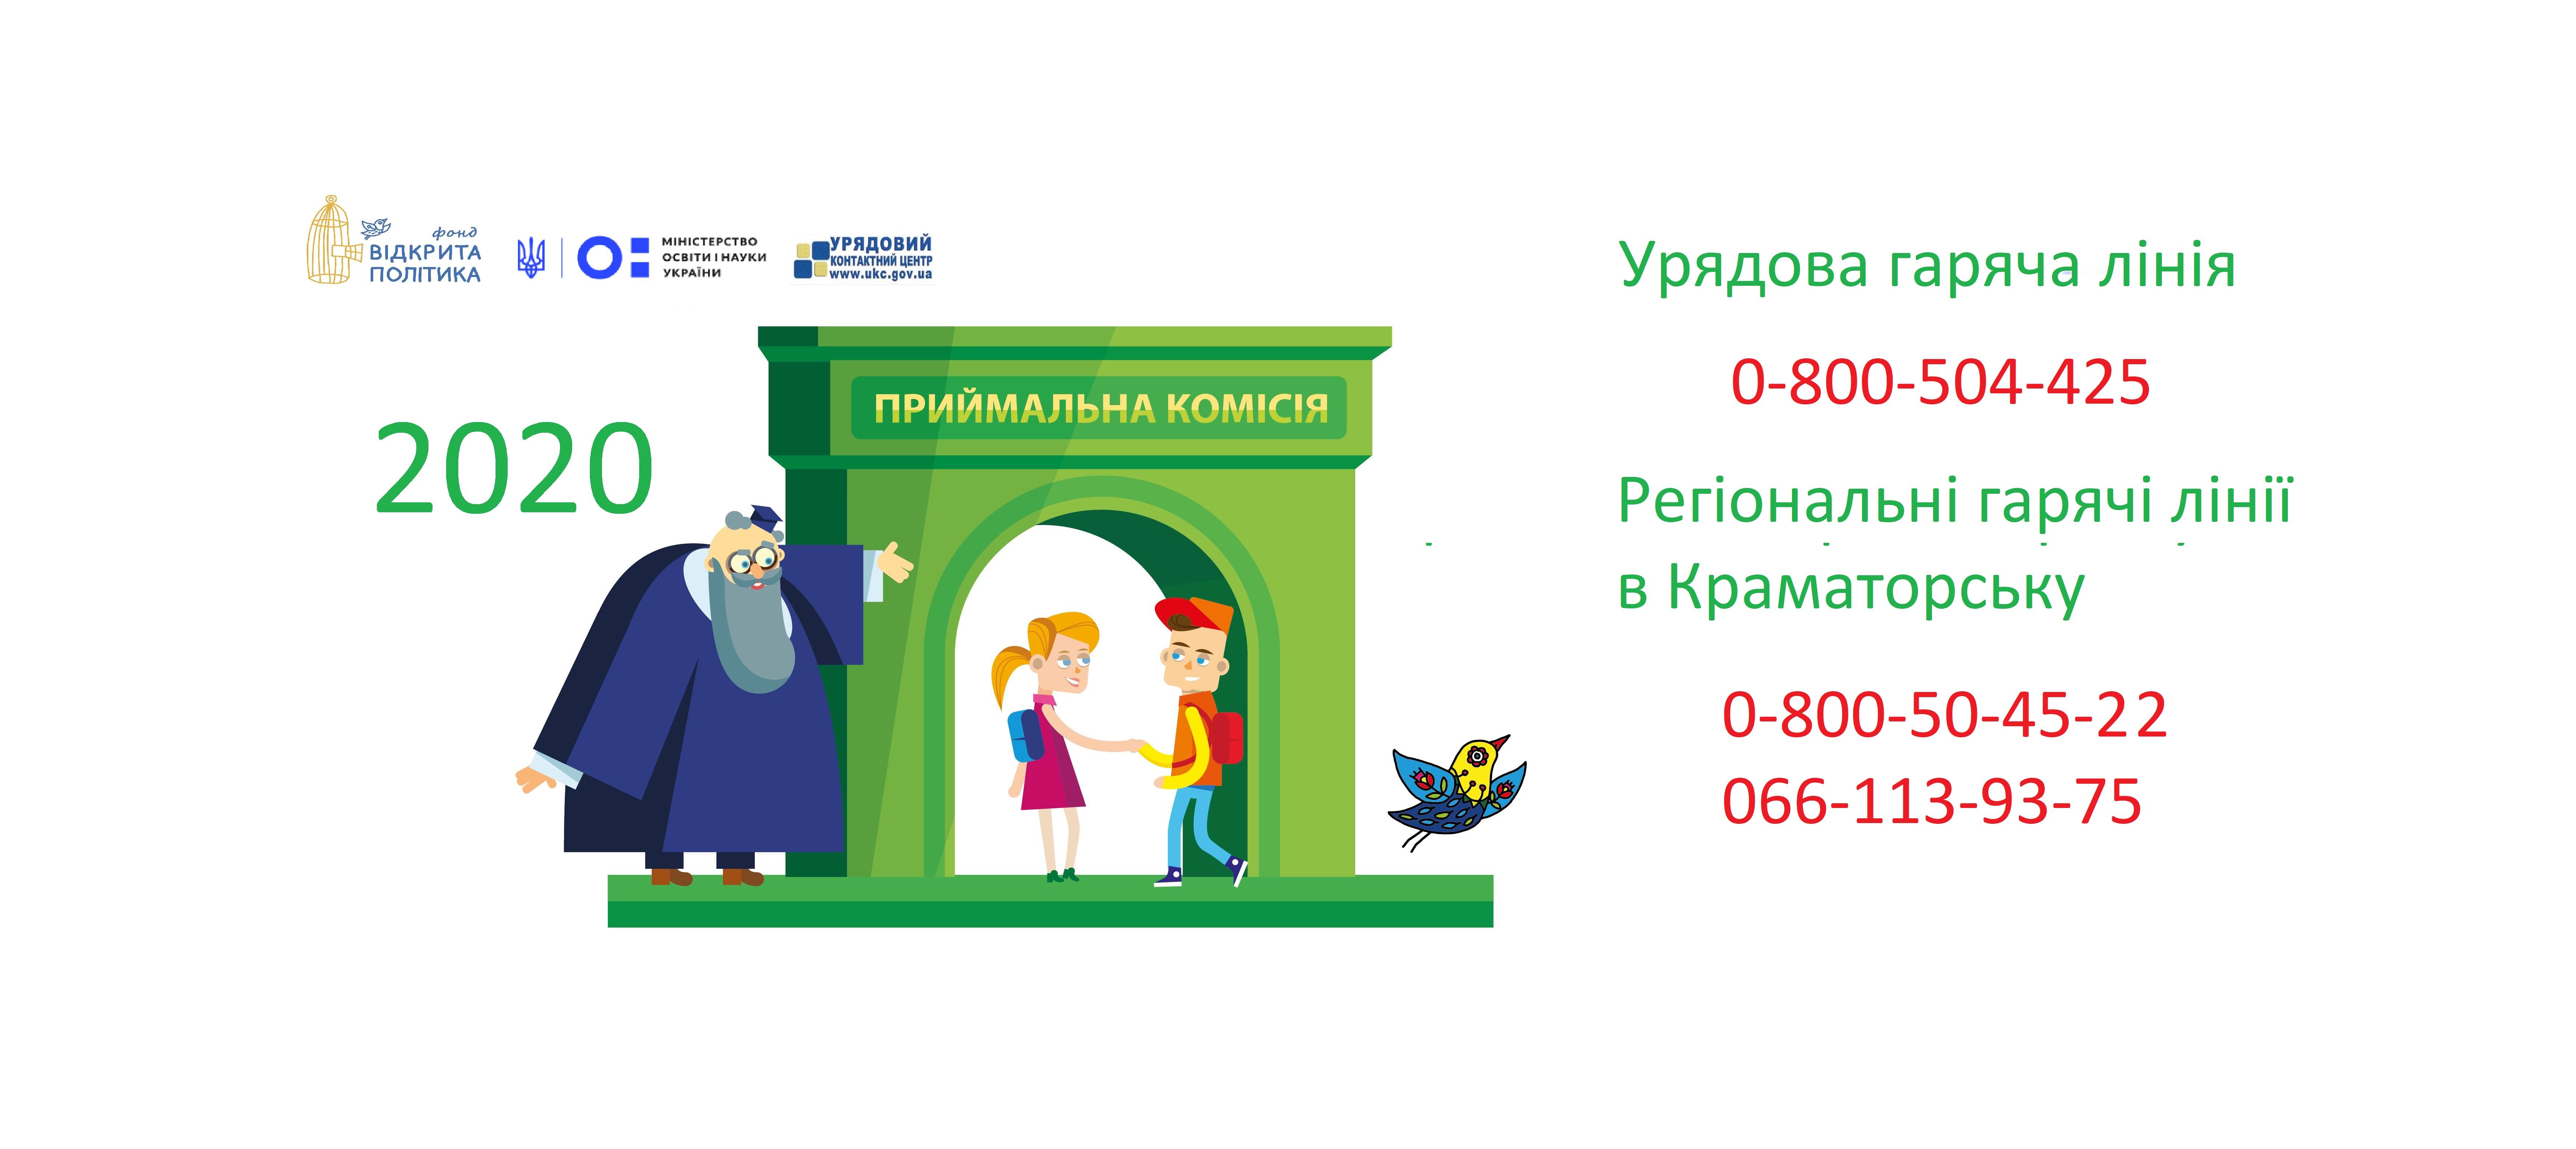 Розширено список населених пунктів Донбасу, жителі яких мають право на спрощену процедуру вступу